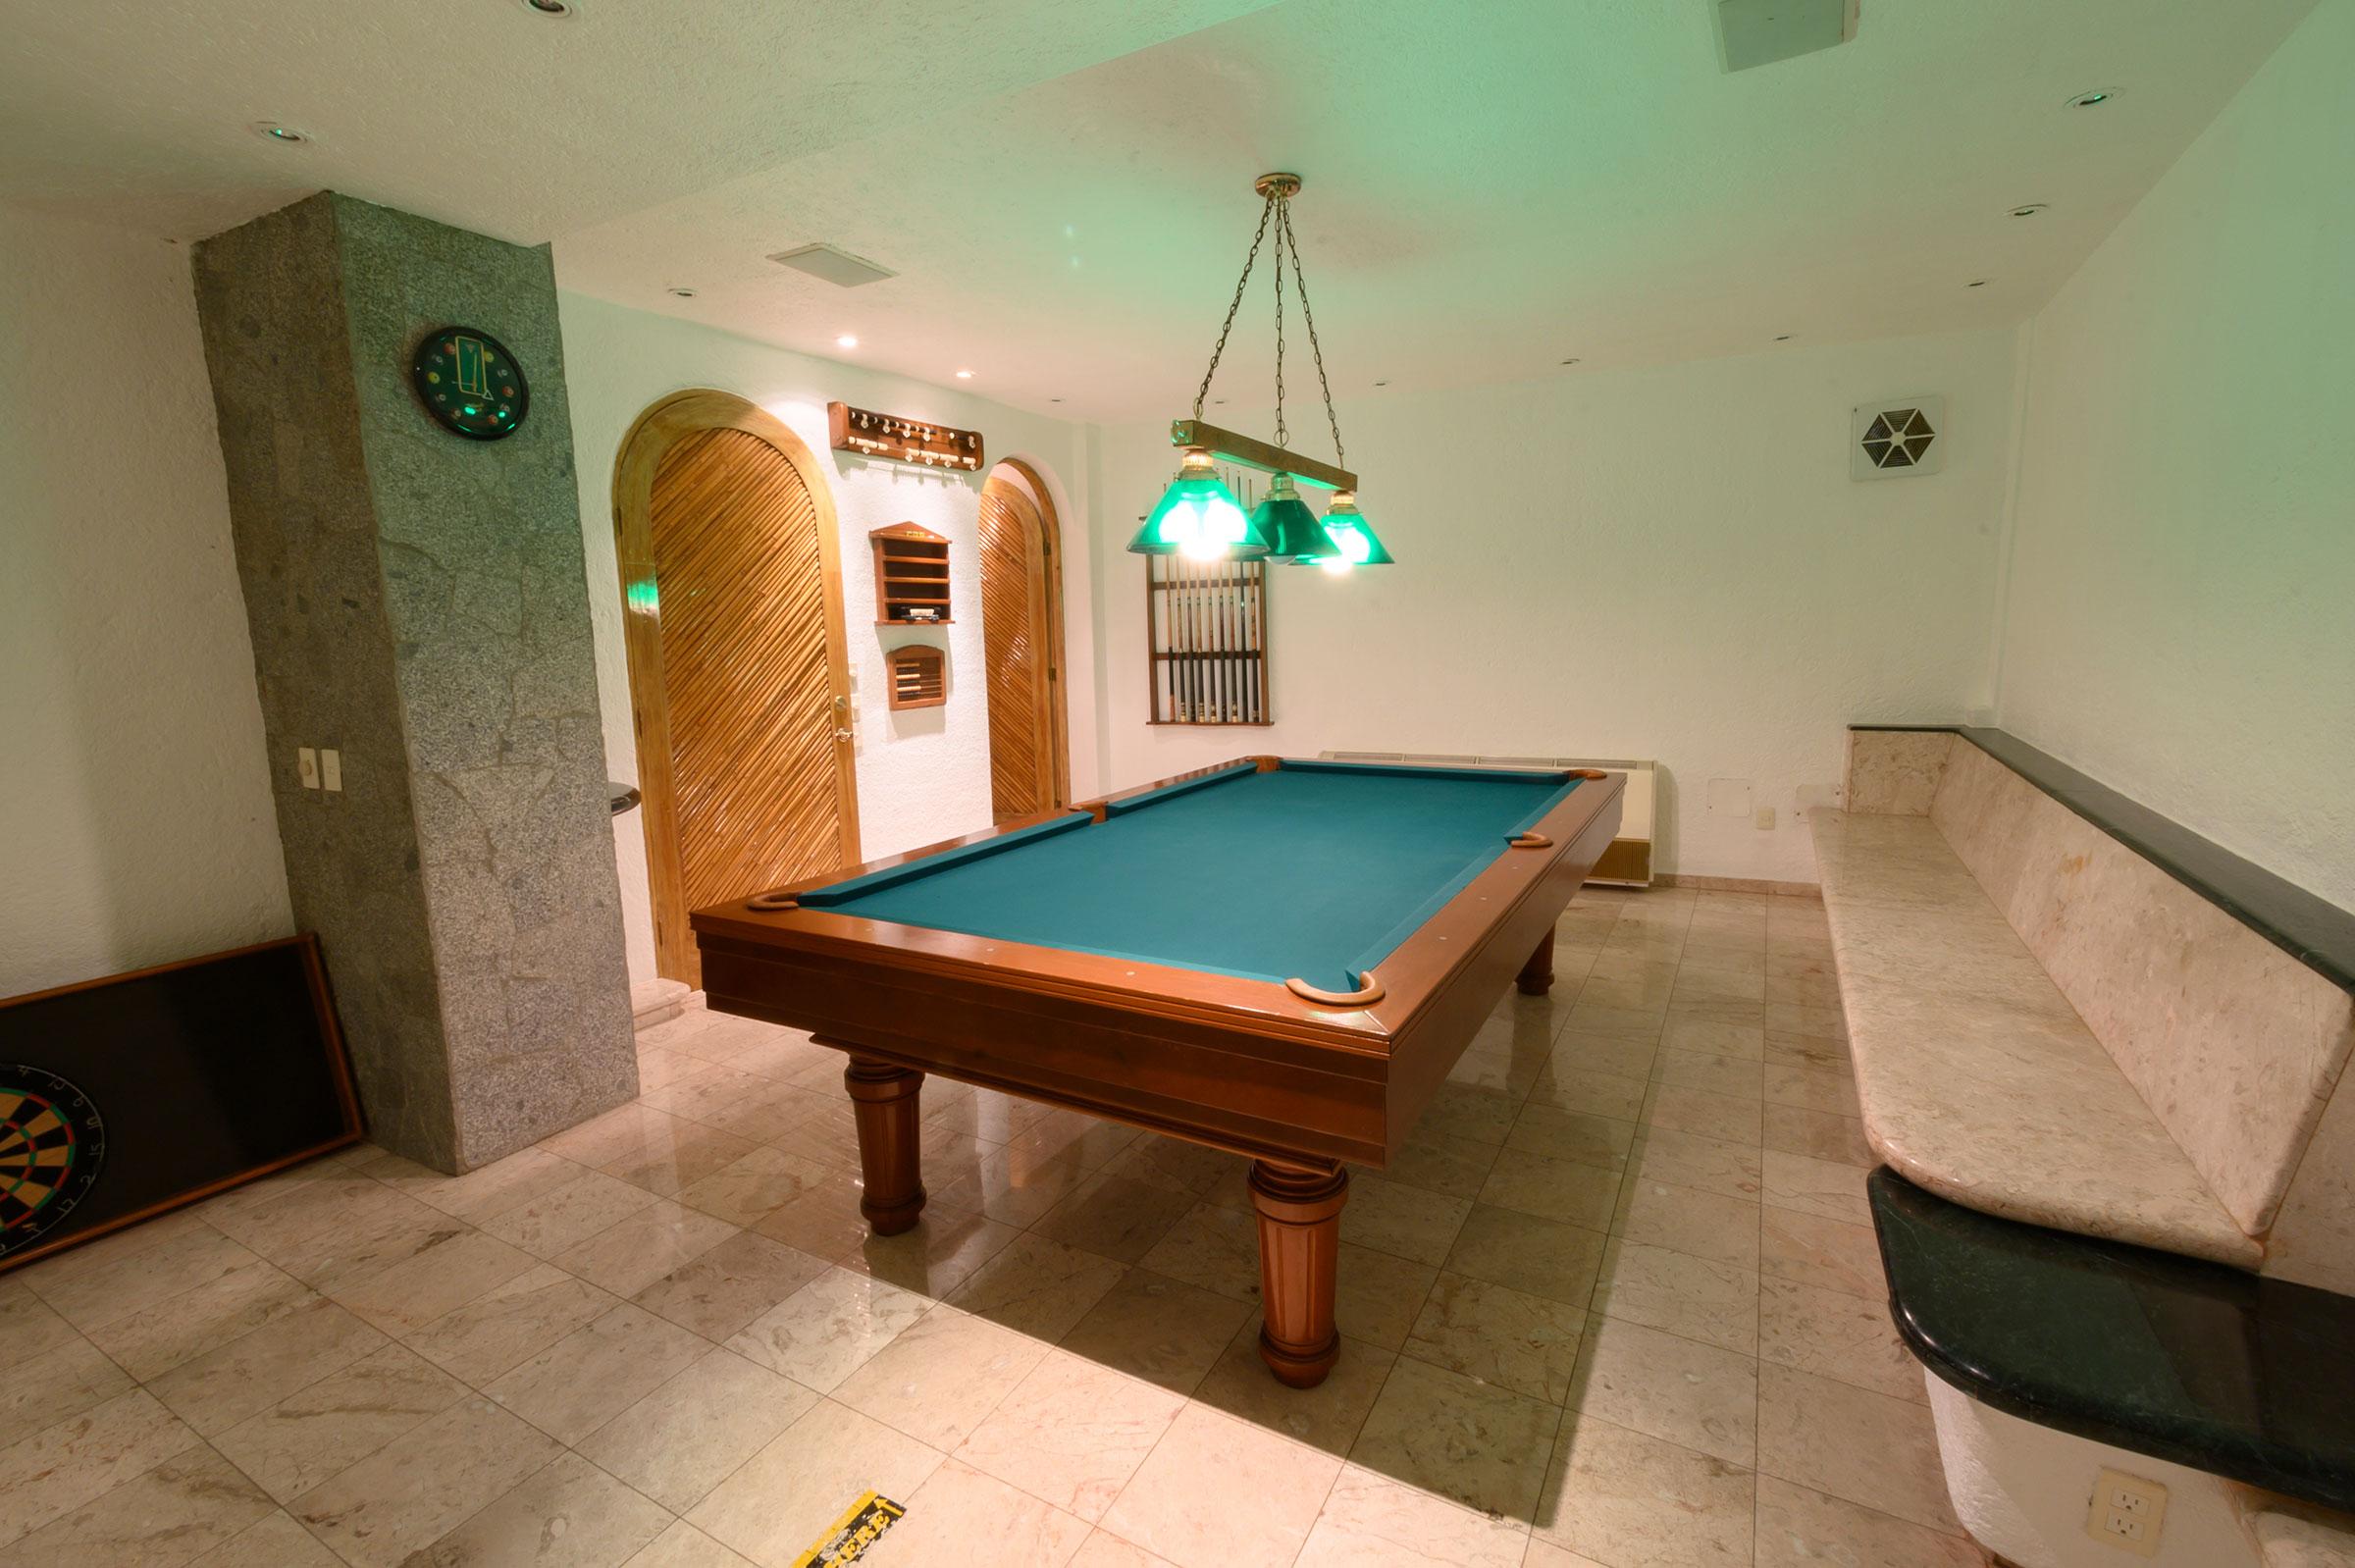 Billiard room at Casa Buenos Aires, Acapulco